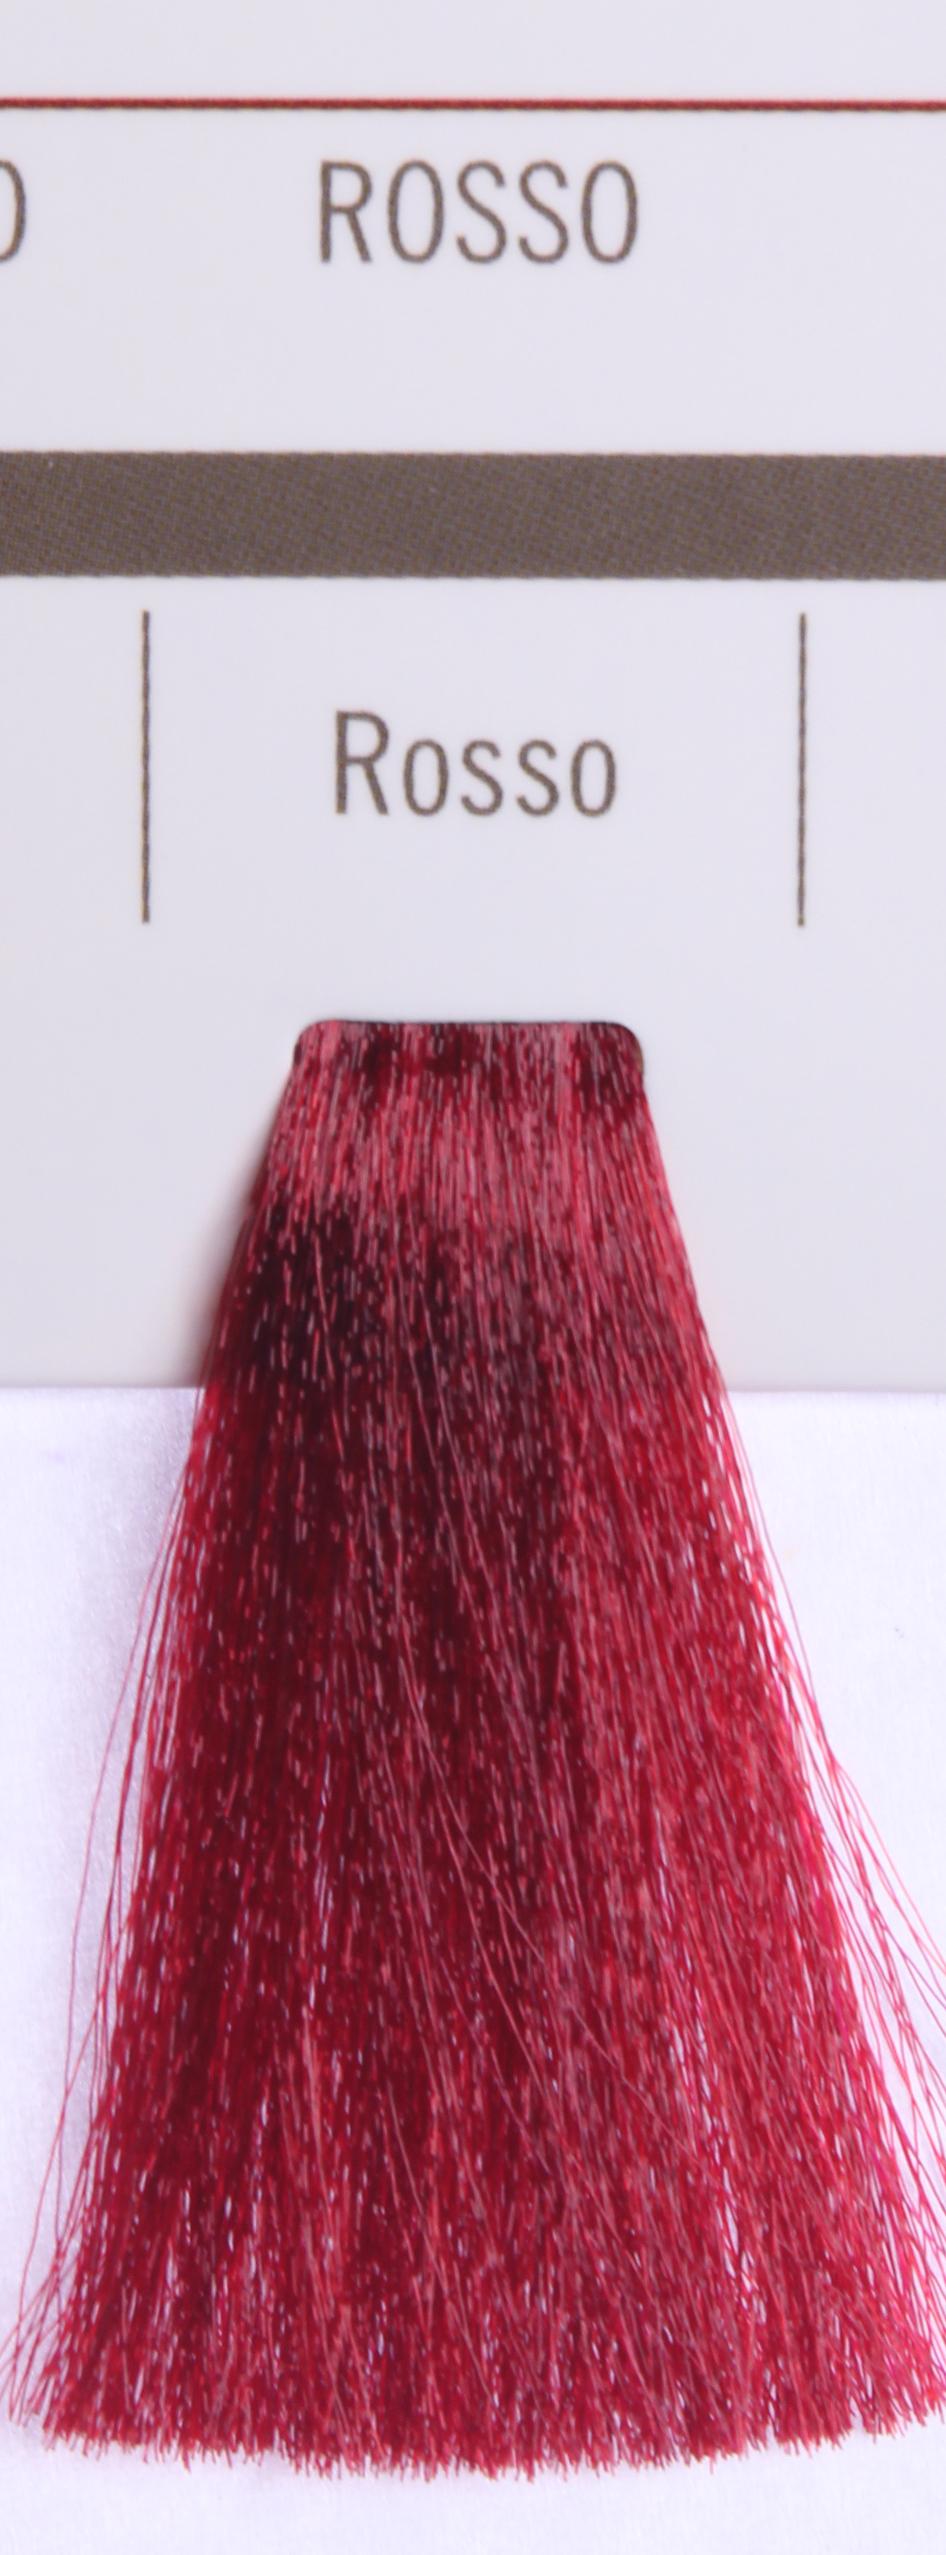 BAREX Корректор красный / PERMESSE 100млКорректоры<br>Профессиональная крем-краска Permesse отличается низким содержанием аммиака - от 1 до 1,5%. Обеспечивает блестящий и натуральный косметический цвет, 100% покрытие седых волос, идеальное осветление, стойкость и насыщенность цвета до следующего окрашивания. Комплекс сертифицированных органических пептидов M4, входящих в состав, действует с момента нанесения, увлажняя волосы, придавая им прочность и защиту. Пептиды избирательно оседают в самых поврежденных участках волоса, восстанавливая и защищая их. Масло карите оказывает смягчающее и успокаивающее действие. Комплекс пептидов и масло карите стимулируют проникновение пигментов вглубь структуры волоса, придавая им здоровый вид, блеск и долговечность косметическому цвету. Активные ингредиенты:&amp;nbsp;Сертифицированные органические пептиды М4 - пептиды овса, бразильского ореха, сои и пшеницы, объединенные в полифункциональный комплекс, придающий прочность окрашенным волосам, увлажняющий и защищающий их. Сертифицированное органическое масло карите (масло ши) - богато жирными кислотами, экстрагируется из ореха африканского дерева карите. Оказывает смягчающий и целебный эффект на кожу и волосы, широко применяется в косметической индустрии. Масло карите защищает волосы от неблагоприятного воздействия внешней среды, интенсивно увлажняет кожу и волосы, т.к. обладает высокой степенью абсорбции, не забивает поры. Способ применения:&amp;nbsp;Крем-краска готовится в смеси с Молочком-оксигентом Permesse 10/20/30/40 объемов в соотношении 1:1 (например, 50 мл крем-краски + 50 мл молочка-оксигента). Молочко-оксигент работает в сочетании с крем-краской и гарантирует идеальное проявление краски. Тюбик крем-краски Permesse содержит 100 мл продукта, количество, достаточное для 2 полных нанесений. Всегда надевайте подходящие специальные перчатки перед подготовкой и нанесением краски. Подготавливайте смесь крем-краски и молочка-оксигента Permesse в неметаллической посуде. Полученную см